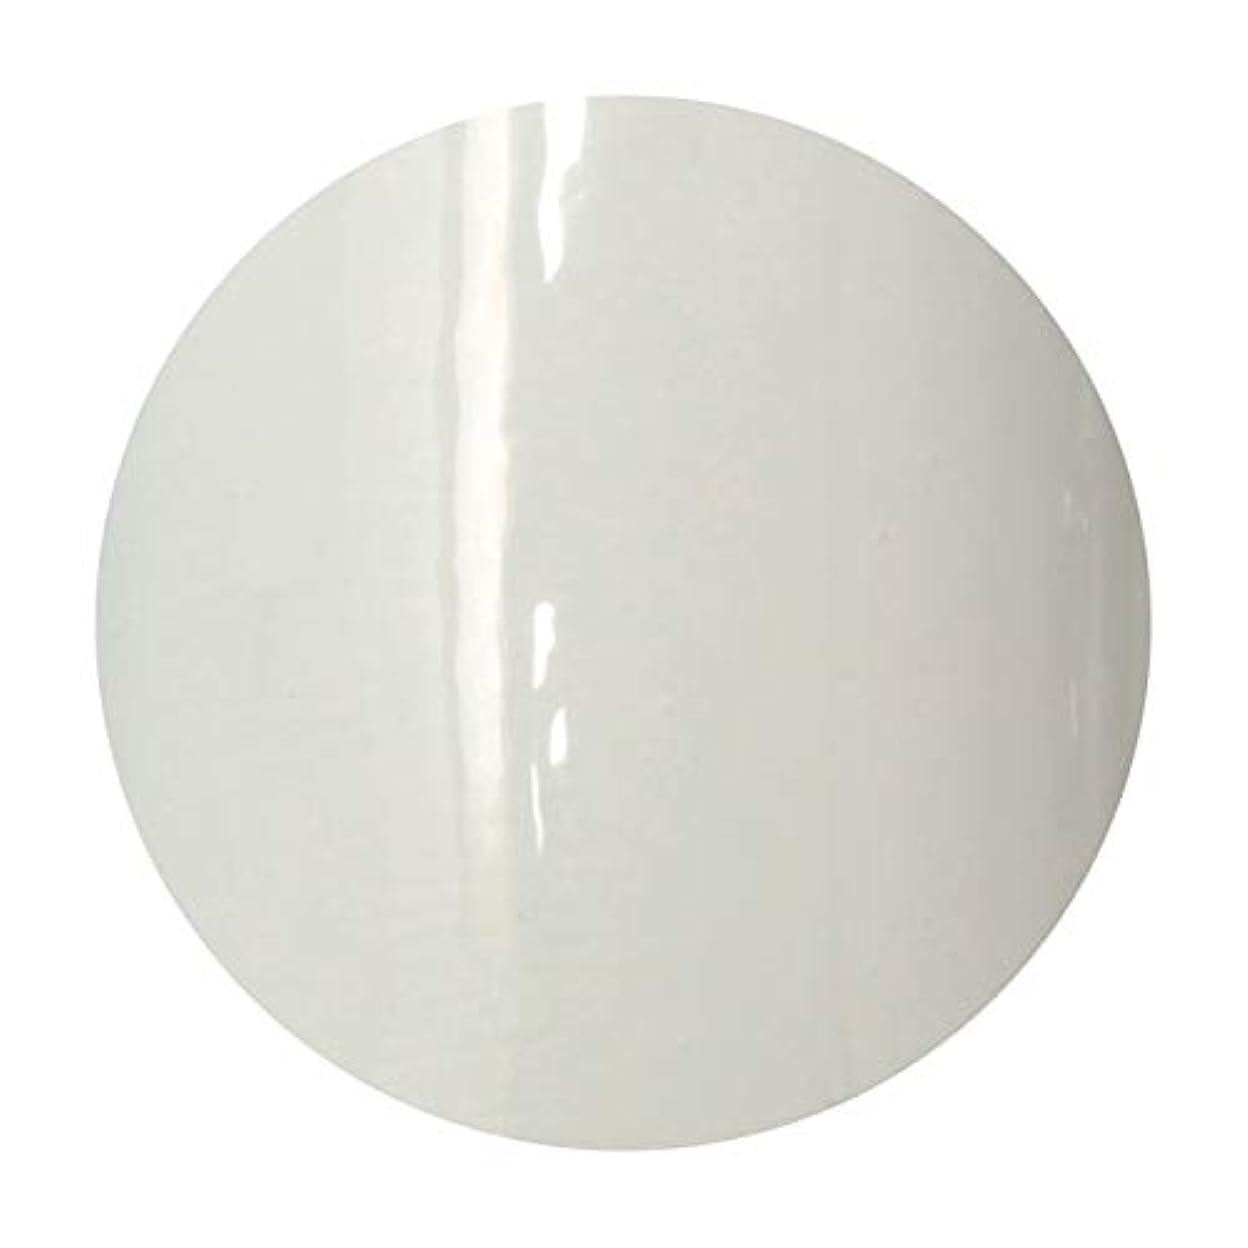 座標コットン盆地T-GEL COLLECTION ティージェル カラージェル D218 ホワイトライナーEX 4ml